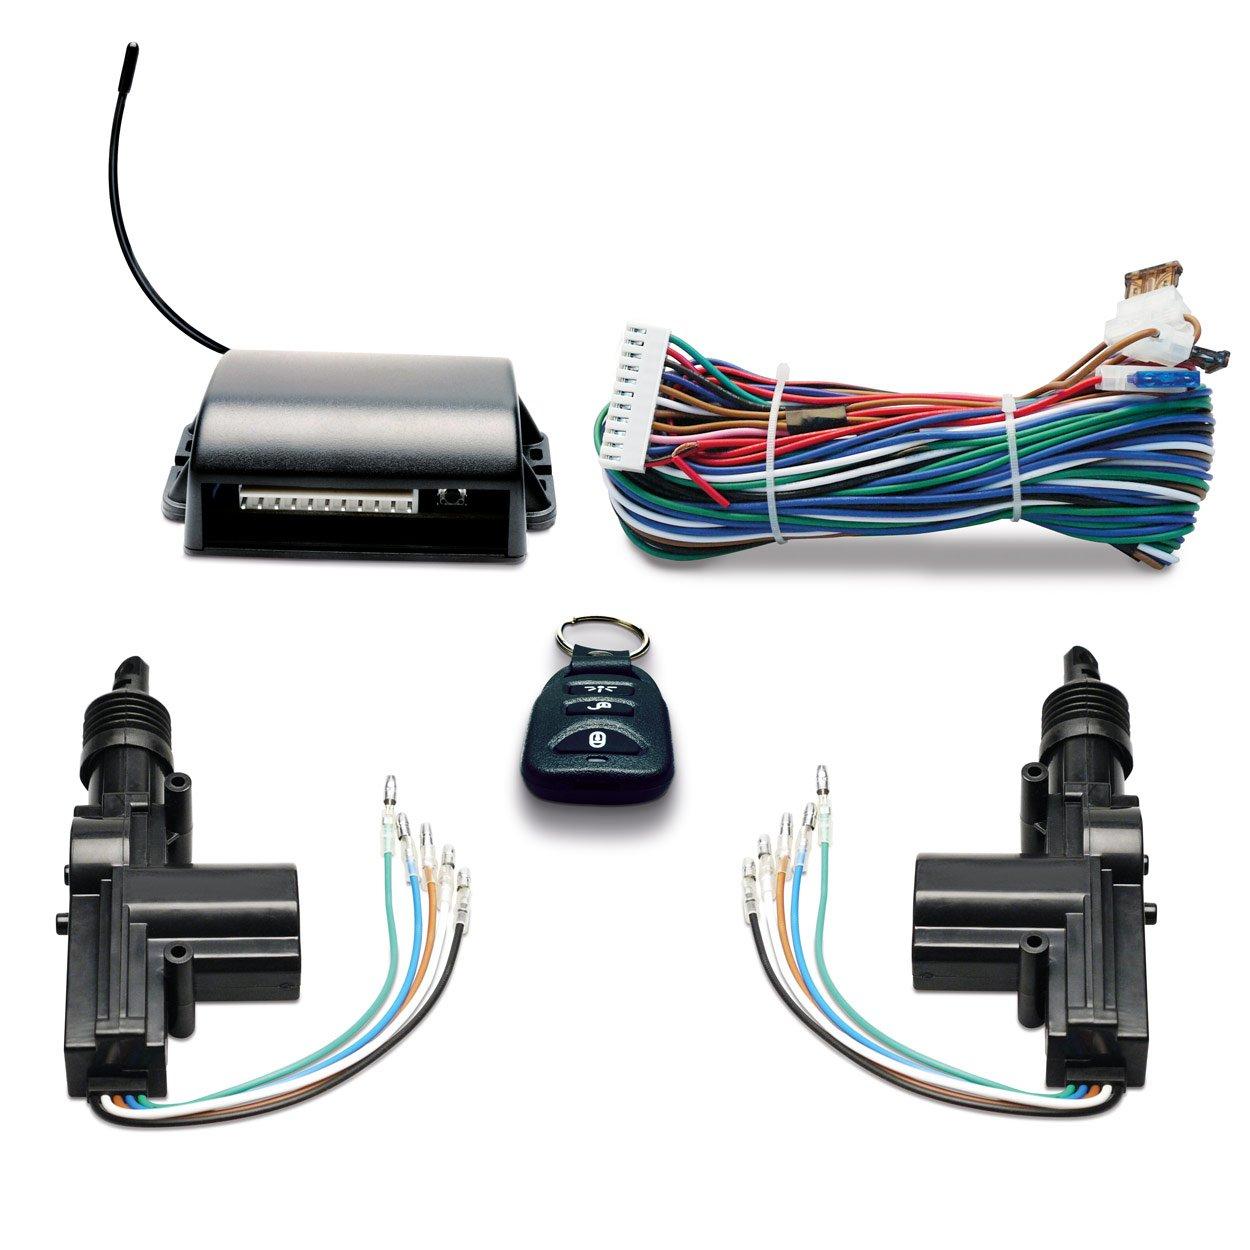 Sinustec Zentralverriegelung ZV II 24 Volt die Zentralverriegelung mit Funkfernbedienung f/ür PKW und LKW mit 24V Boardspannung